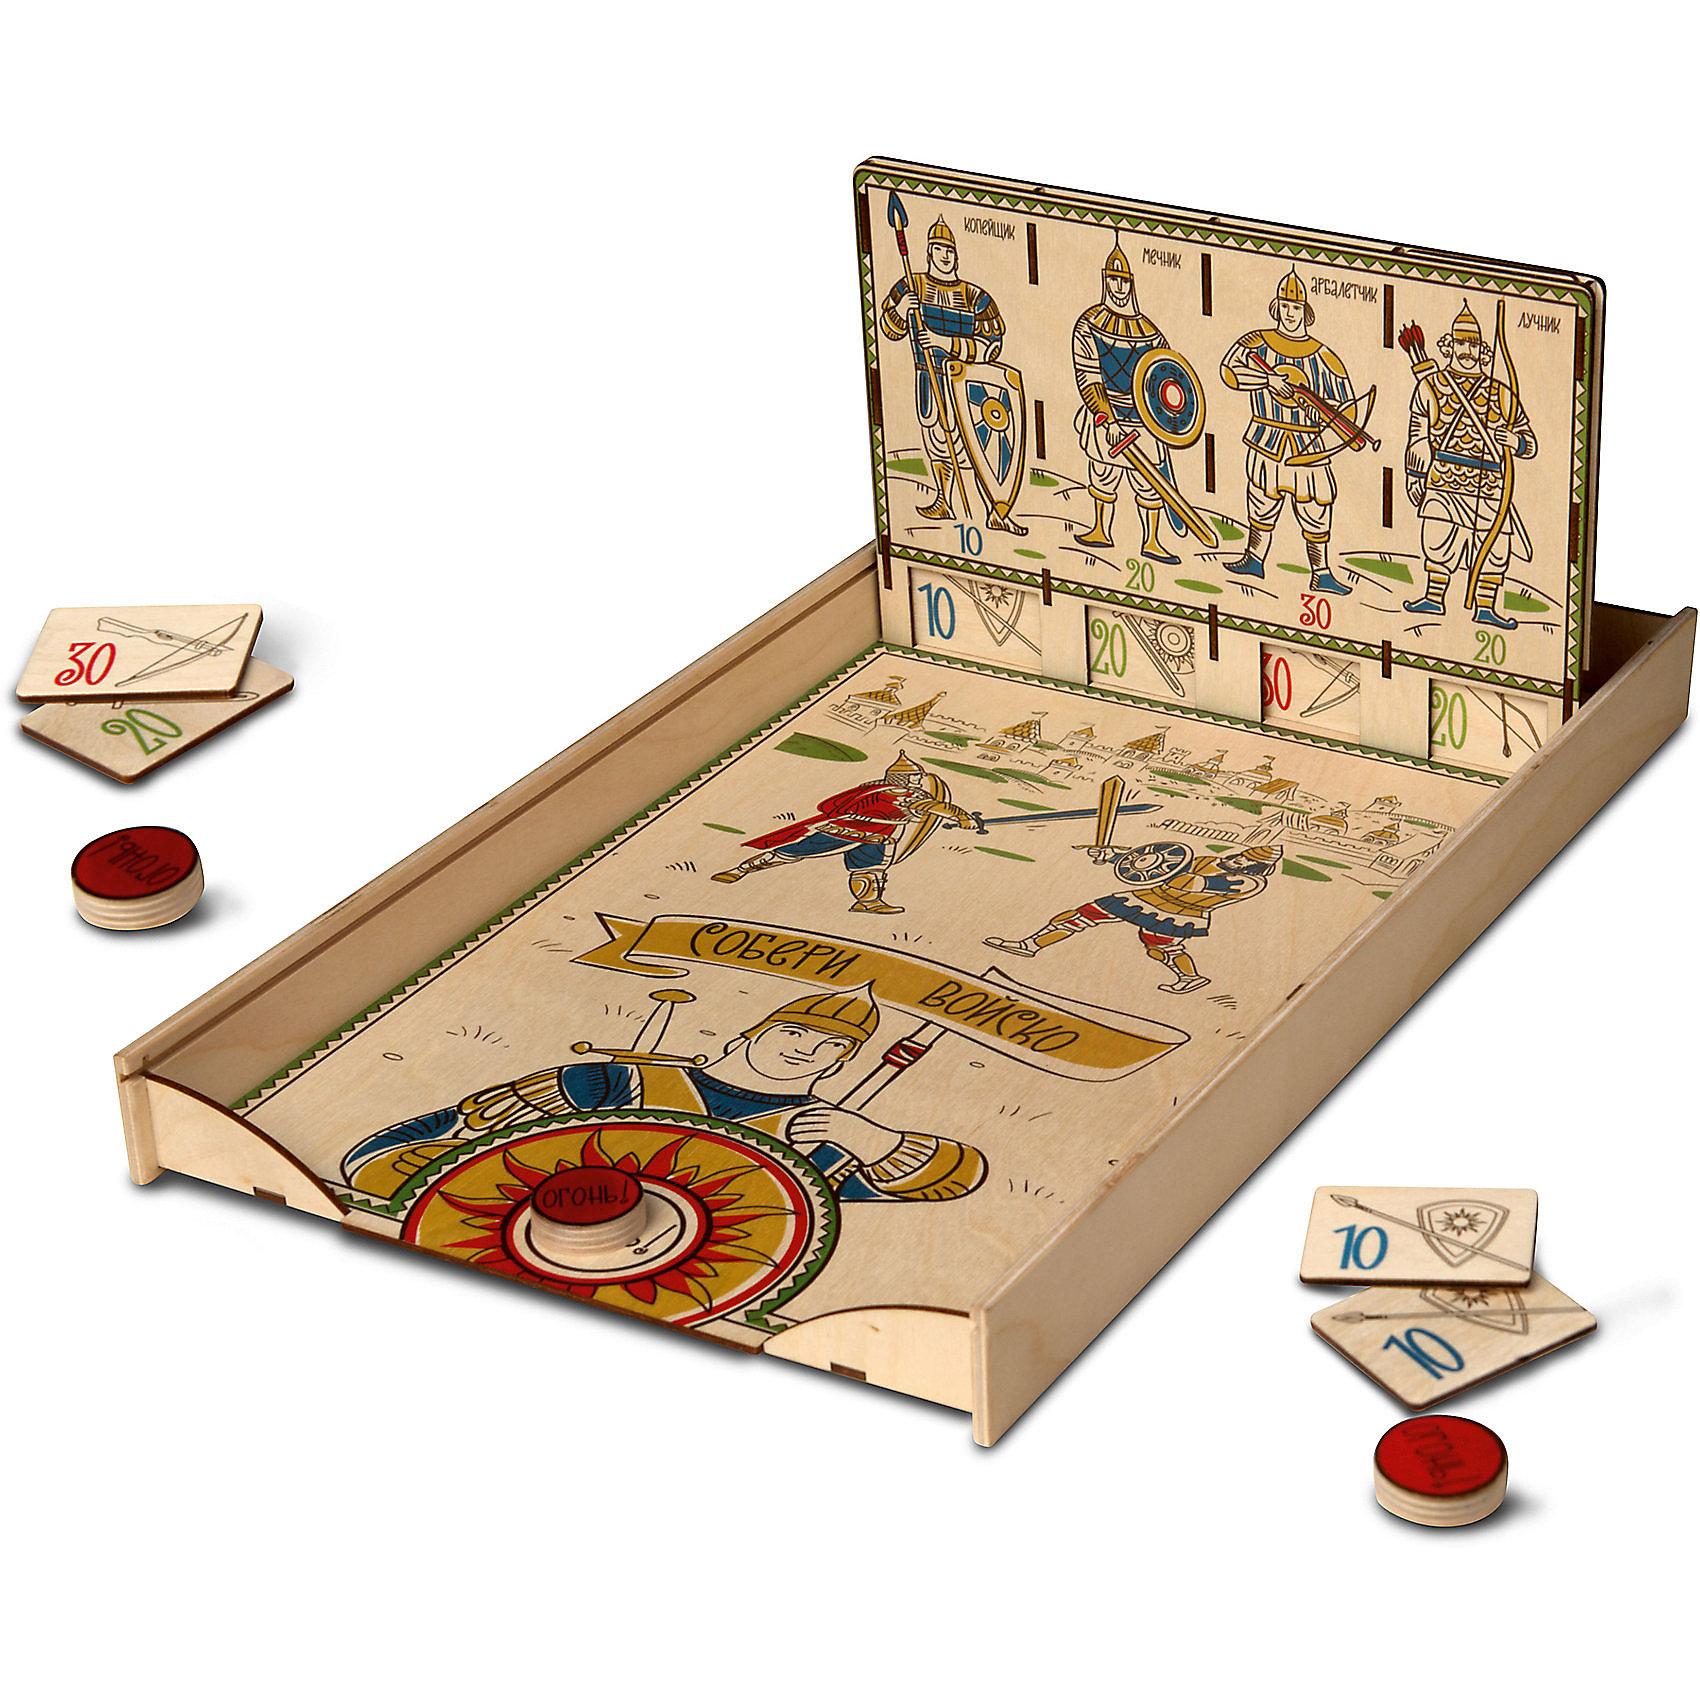 Настольный игра-тир ЯиГрушка Собери войскоНастольные игры<br>Характеристики товара:<br><br>• возраст: от 3 лет<br>• материал: дерево, картон<br>• количество игроков: от 1 до 4<br>• время одной игры: 20-30 минут<br>• в комплекте: игровое поле с крышкой, стенд стрелковый, 16 карточек бойцов, 4 биты<br>• размер упаковки 46х26х5 см<br>• вес упаковки 857 г.<br>• страна бренда: Россия<br>• страна производитель: Россия<br><br>Настольный тир «Собери войско» ЯиГрушка — занимательная игра для детей, которые в процессе игры будут возглавлять настоящее войско. Цель для каждого игрока — собрать как можно больше карточек с бойцами. Для этого нужно выполнять определенные задания, набирать очки и проявить смекалку, ловкость и меткость.<br><br>Настольный тир «Собери войско» ЯиГрушка можно приобрести в нашем интернет-магазине.<br><br>Ширина мм: 470<br>Глубина мм: 40<br>Высота мм: 270<br>Вес г: 857<br>Возраст от месяцев: 36<br>Возраст до месяцев: 2147483647<br>Пол: Мужской<br>Возраст: Детский<br>SKU: 5516713